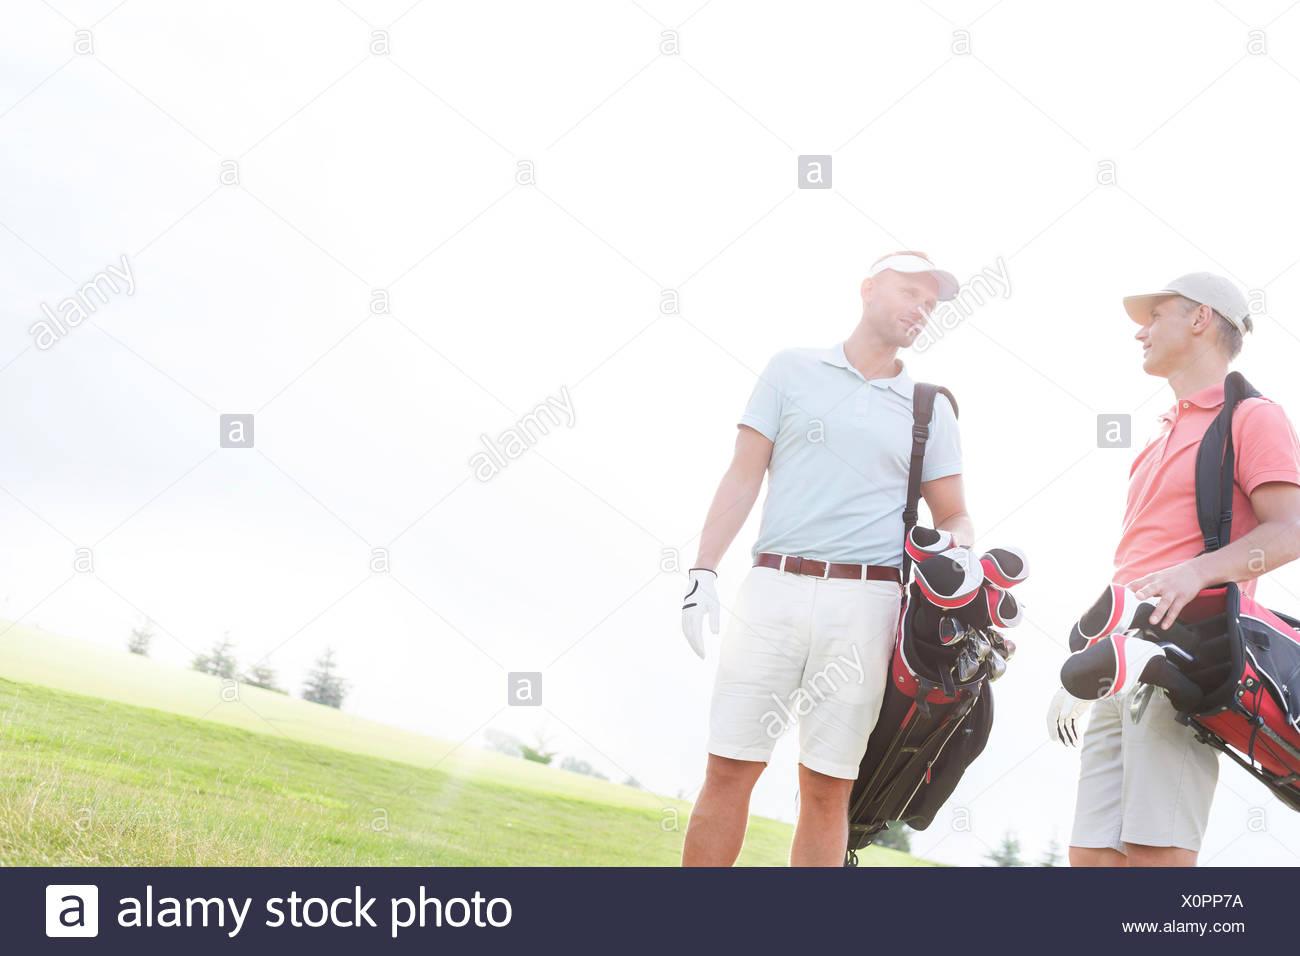 Amis de converser au golf contre ciel clair aux beaux jours Photo Stock